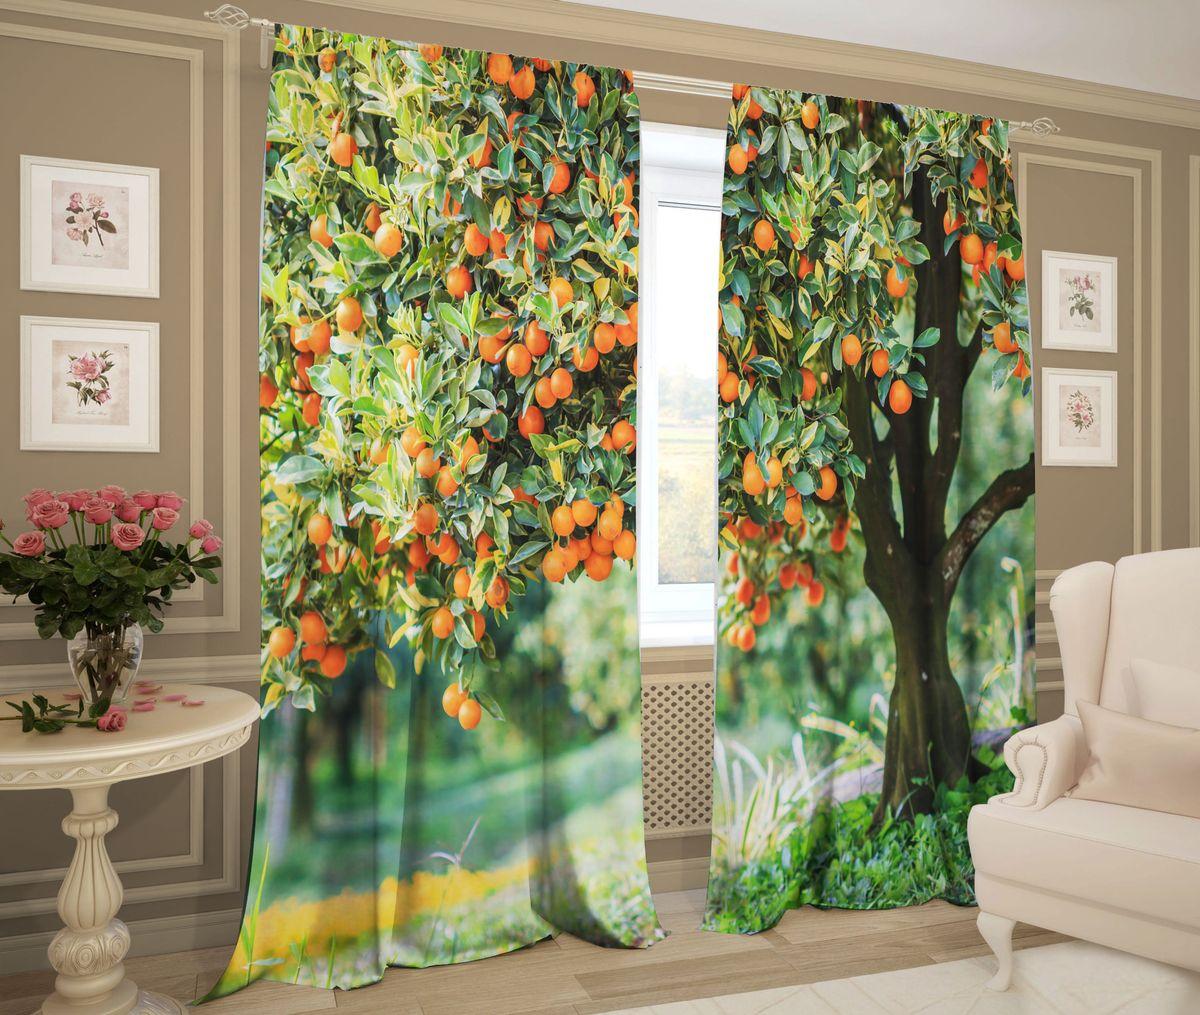 Комплект фотоштор Zlata Korunka Апельсиновое дерево, на ленте, цвет: зеленый, оранжевый, высота 267 см. 21479ФШГБ001-09213ФотошторыZlata Korunka Апельсиновое дерево из ткани - сатен - это новация в мире фотоштор. Ткань - сатен имеет сдержанный благородный отблеск и не создает бликов, обладает такими свойствами как: прочность, эластичность и одновременно способность сохранять заданную форму, способность красиво драпироваться, хорошие светорассеивающие и звукоизолирующие свойства. Сатен очень прост в уходе. Он хорошо переносит машинную стирку при 30 градусах, и не нуждается в глажке. Такая портьерная ткань, как сатен, наряду с габардином и блэкаутом, составляет тройку материалов, которые лучше всего защищают от светового излучения. Особую популярность сатеновый материал приобрел в связи с тем, что он является одной из лучших основ для фотопечати.Рисунки на белом гладком полотне, с использованием гипоаллергенных чернил, получаются очень яркими и четкими, они не выгорают и хорошо переносят стирку.Такие шторы с фотографически точным изображением позволяют создать необычный интерьер самого разнообразного стиля.